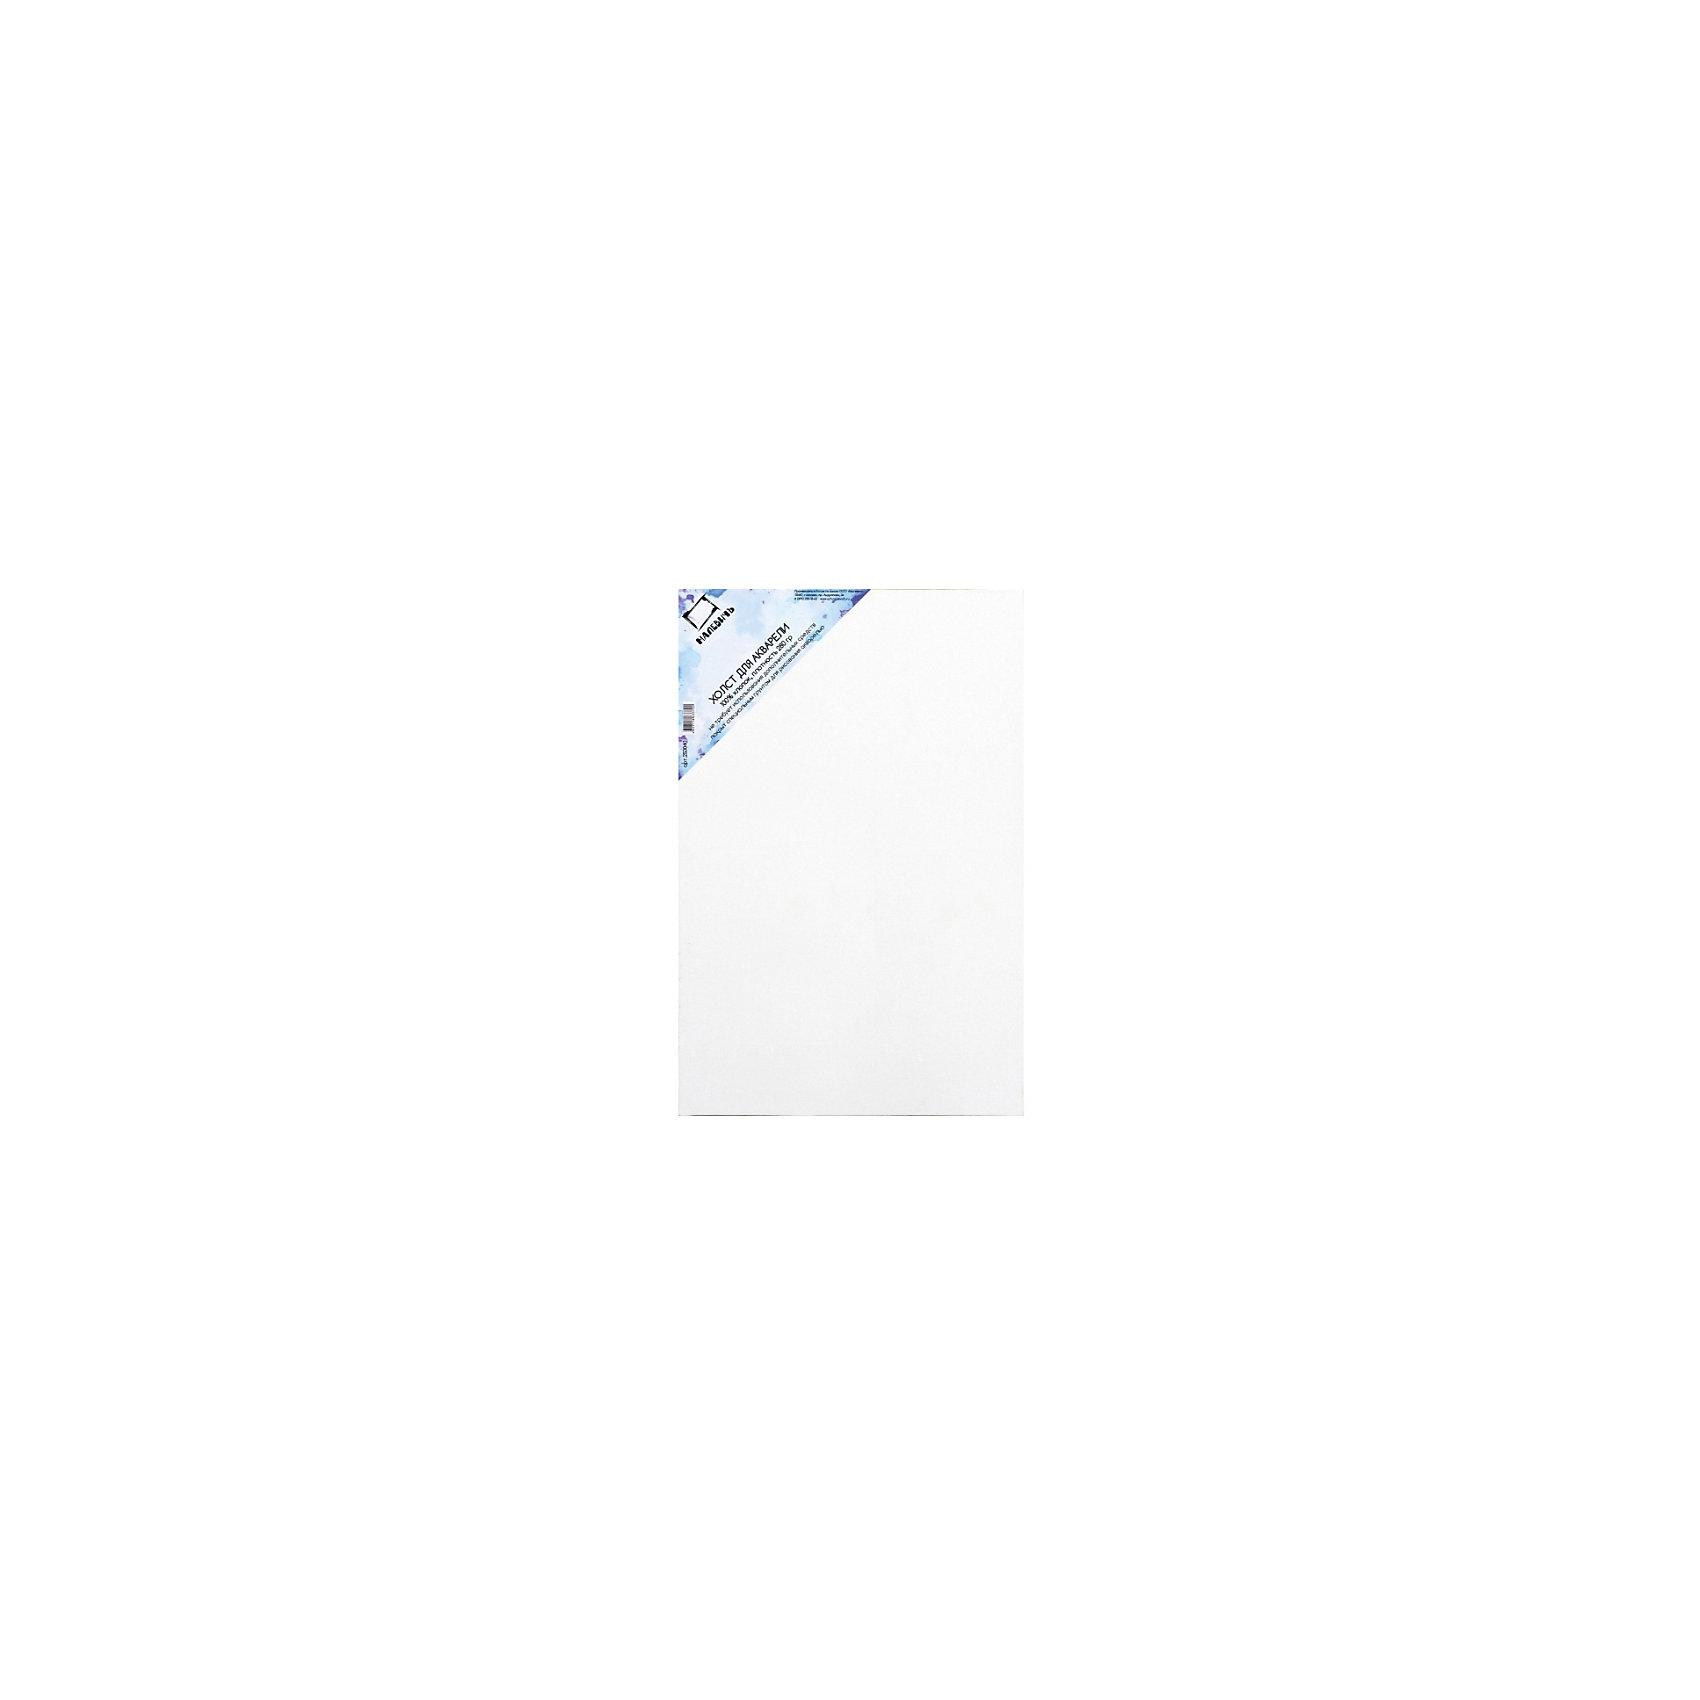 Холст акварельный на картоне Малевичъ (30х40 см)Принадлежности для творчества<br>Благодаря разработанному компанией Малевичъ уникальному грунту теперь акварельными красками можно писать на холсте! В отличие от бумаги, холст выдерживает большое количество воды и не коробится от влаги, а значит - прекрасно подходит для работы в «мокрых» техниках.  Единственный в своем роде – дает возможность редактировать или полностью удалять слои краски! Натянутый на плотный картон толщиной 3 мм холст великолепно держит форму даже при больших форматах, позволяя работать как в горизонтальном положении на столе, так и в вертикальном -на мольберте. Готовые акварельные холсты очень удобны для работы на пленэре. Для изготовления акварельных холстов используется высококачественная ткань из 100% хлопка с мелкозернистым переплетением, плотностью 280 г/кв. м, покрытая специальным грунтом, увеличивающим адгезию водорастворимых красок. При желании, на холстах можно писать также гуашью, акрилом или темперой.<br><br>Акварельные холсты Малевичъ: <br><br>·          на плотной основе, не коробятся от воды <br>·          подходят для работы в технике «по-сырому» <br>·          позволяют редактировать или полностью удалять слои краски <br>·          дают возможность работать на вертикальной поверхности <br>·          удобны для выездов на пленэр <br>·          сделаны из полностью натуральных материалов<br><br>Ширина мм: 300<br>Глубина мм: 400<br>Высота мм: 3<br>Вес г: 300<br>Возраст от месяцев: 84<br>Возраст до месяцев: 2147483647<br>Пол: Унисекс<br>Возраст: Детский<br>SKU: 6757426